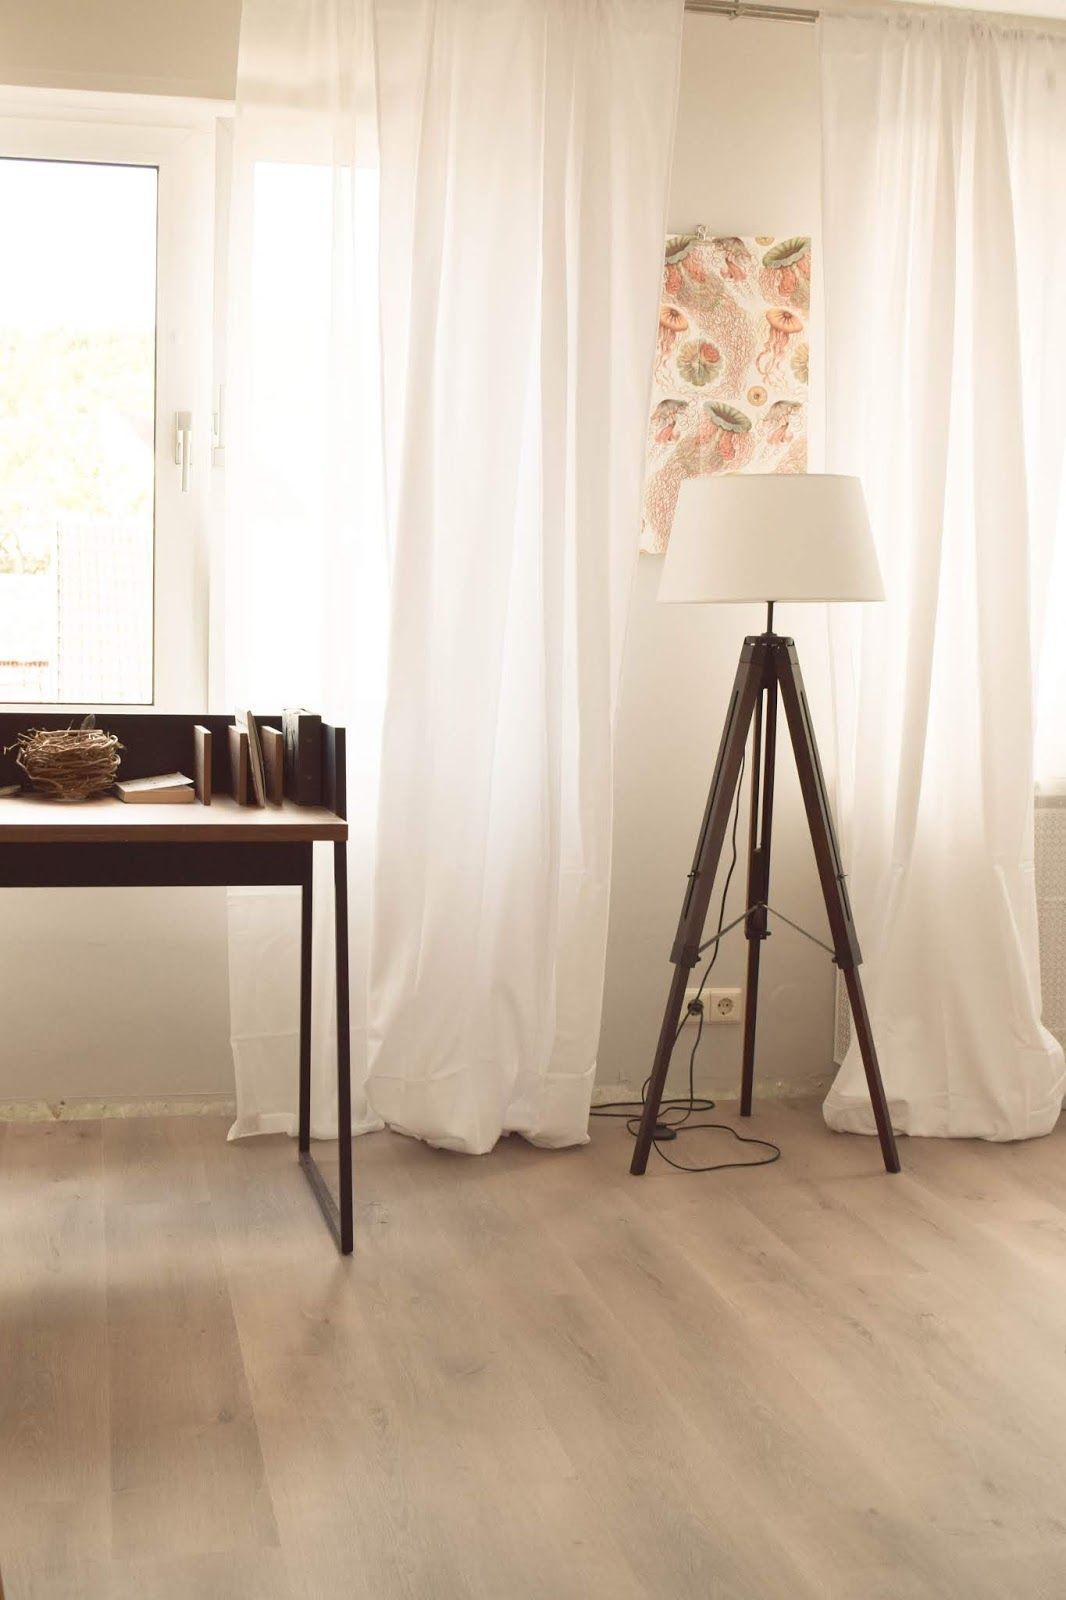 AuBergewohnlich Interior Einrichtung Vorhang Schlafzimmer Blickdicht Schreibtisch Filigran  Stehlampe Deko Dekoidee